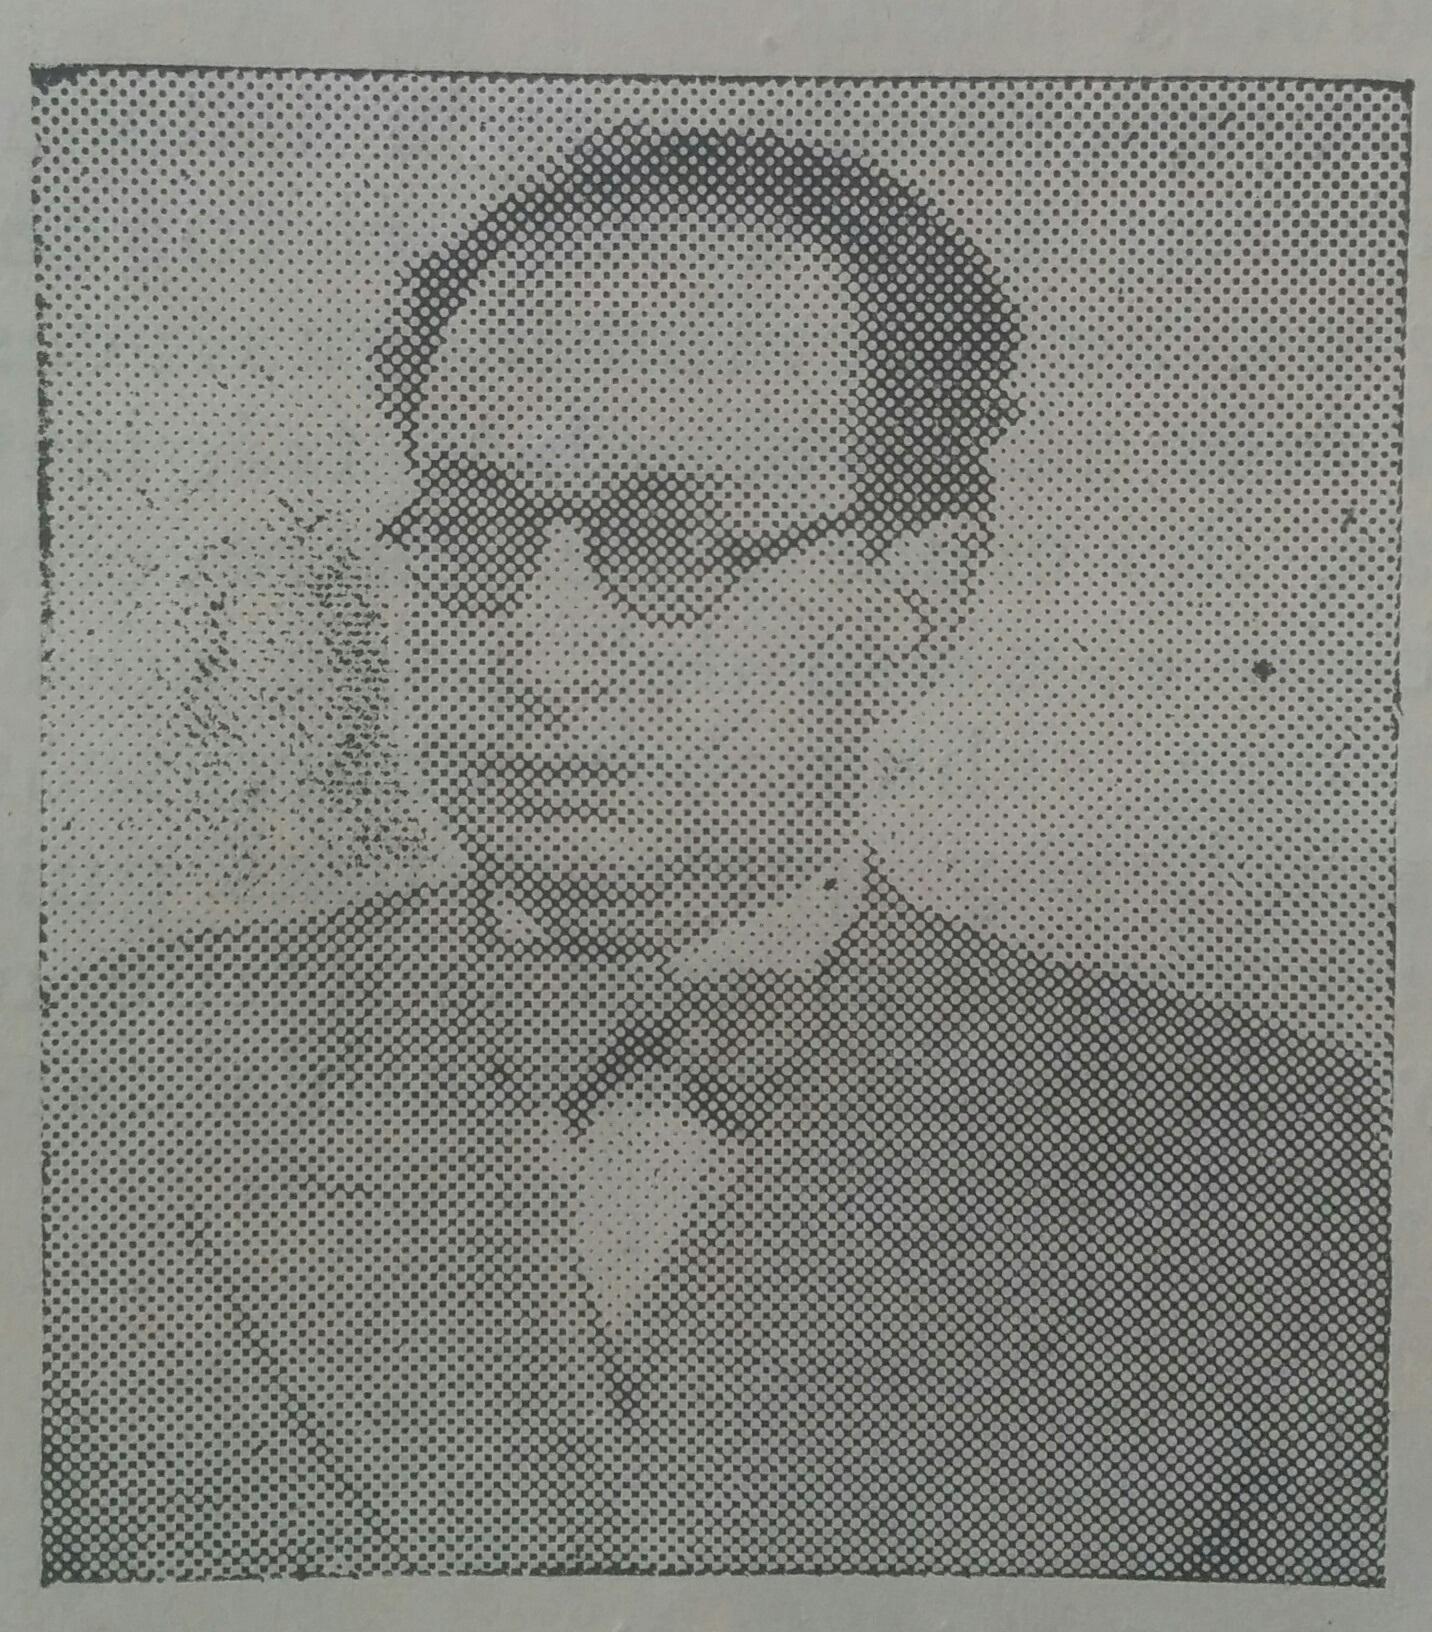 El profesor Miguel Anuncio Tarzia (1895-1948).